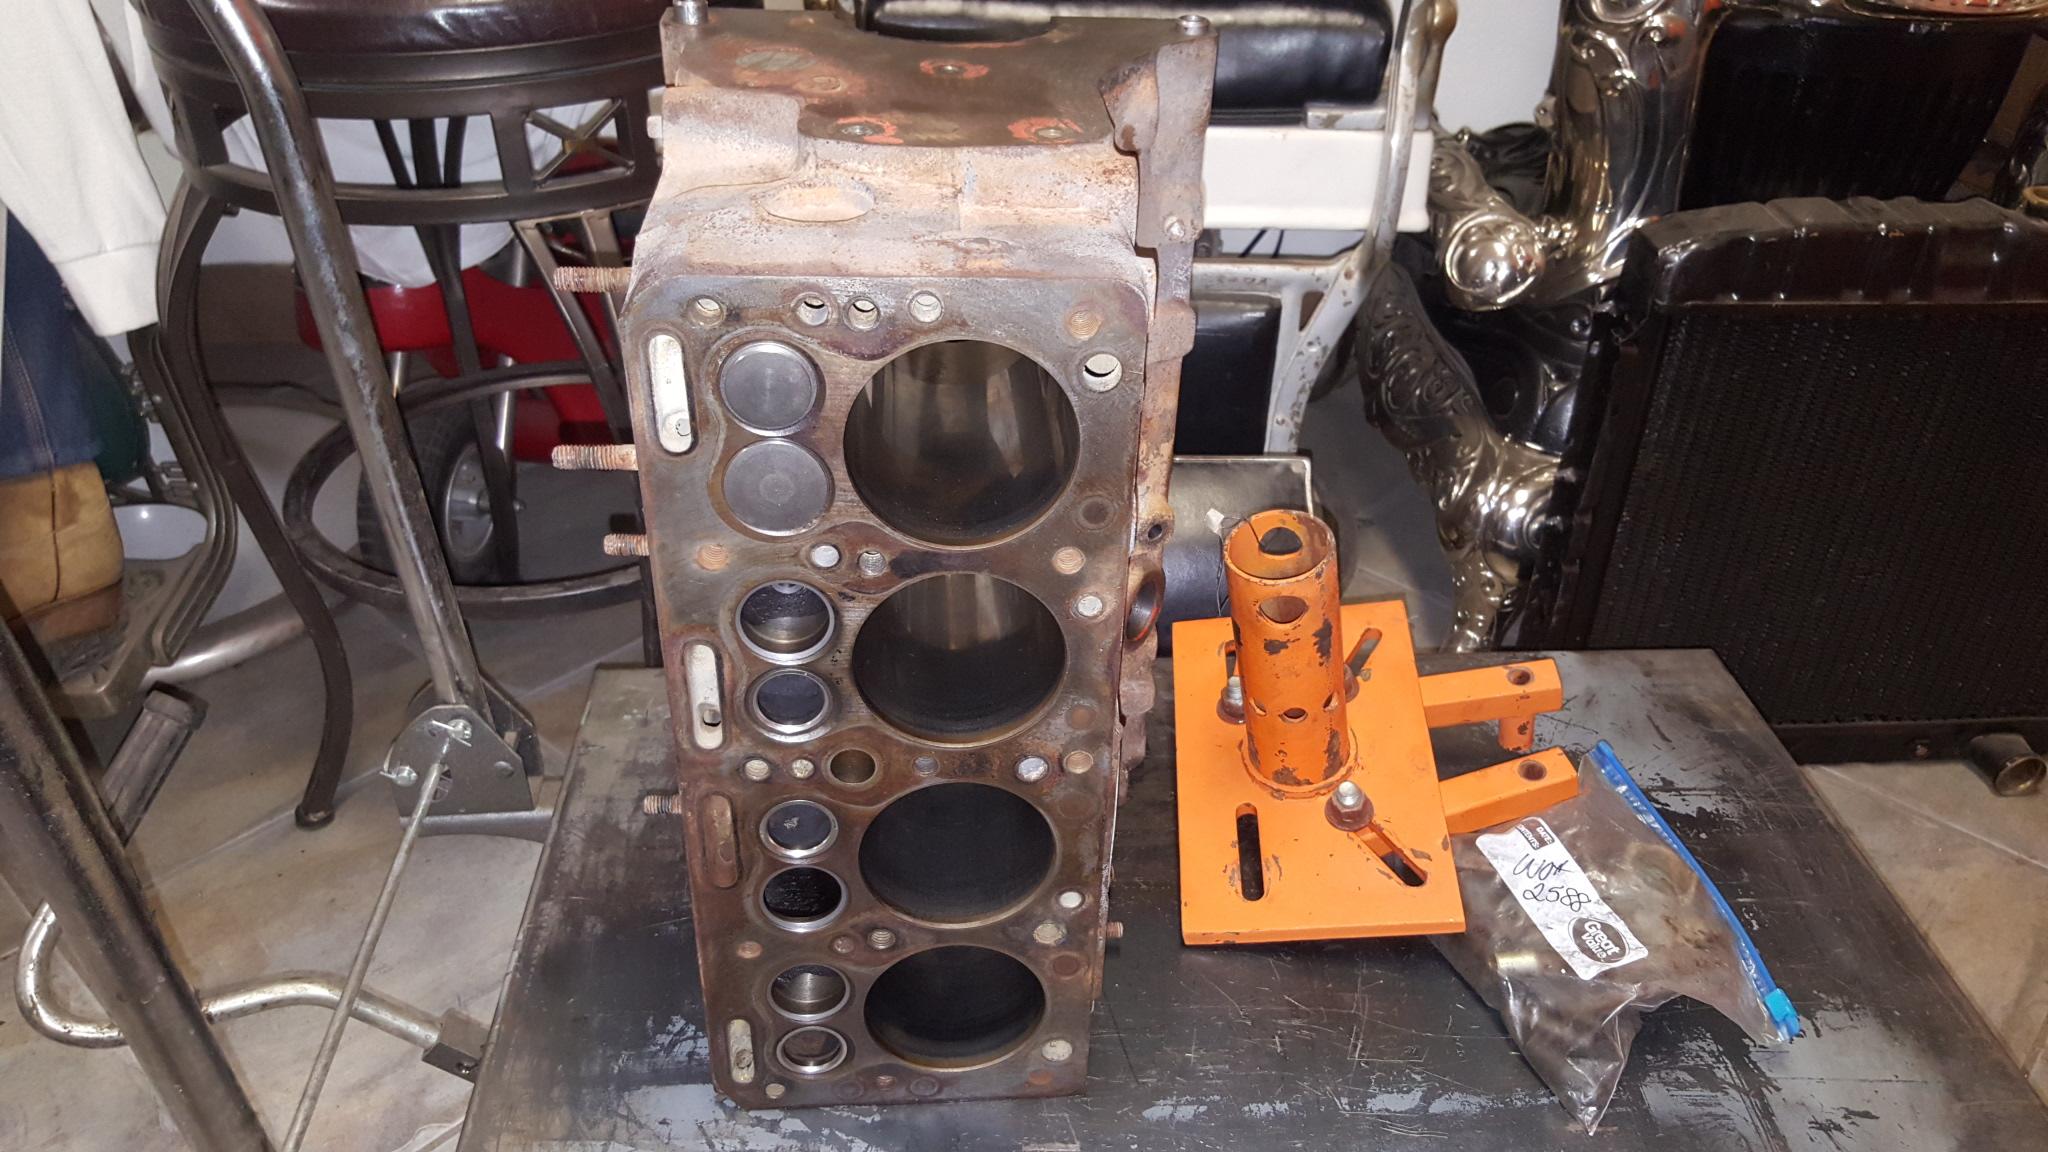 Lincoln Welder Continental Flathead Engine & 5 9 Cummins